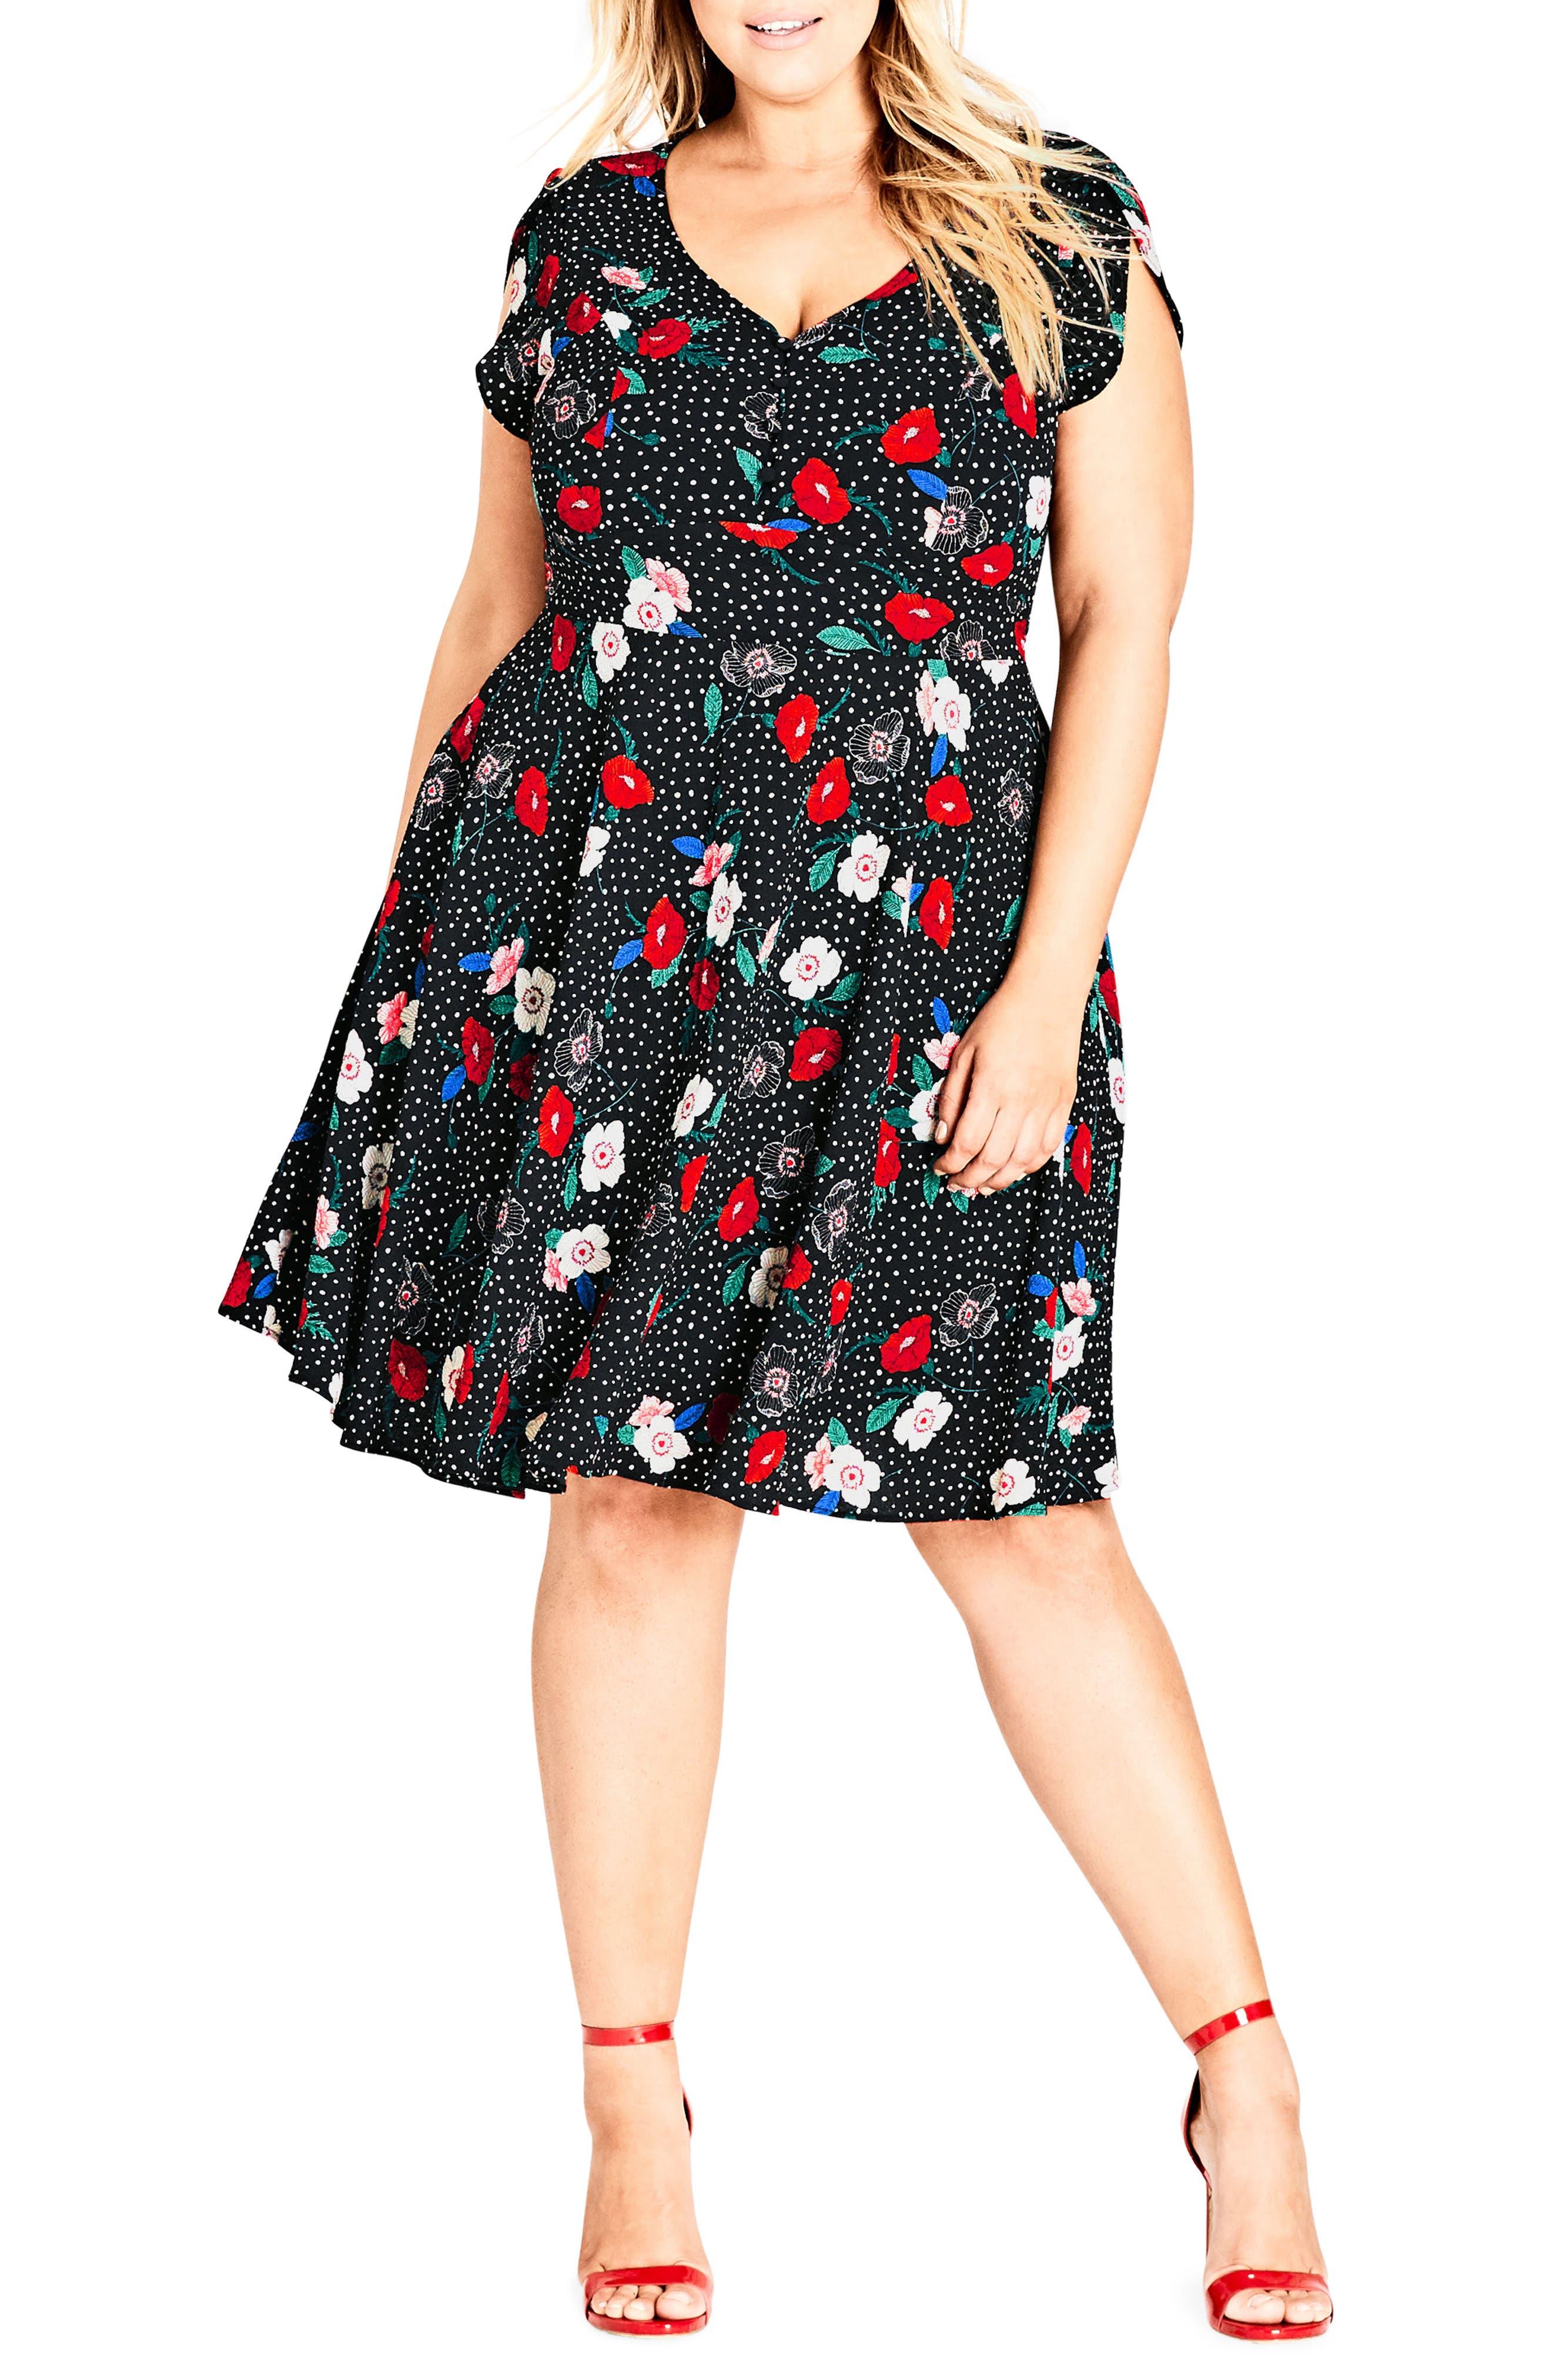 CITY CHIC, Floral Spot Dress, Main thumbnail 1, color, SPOT FLORAL